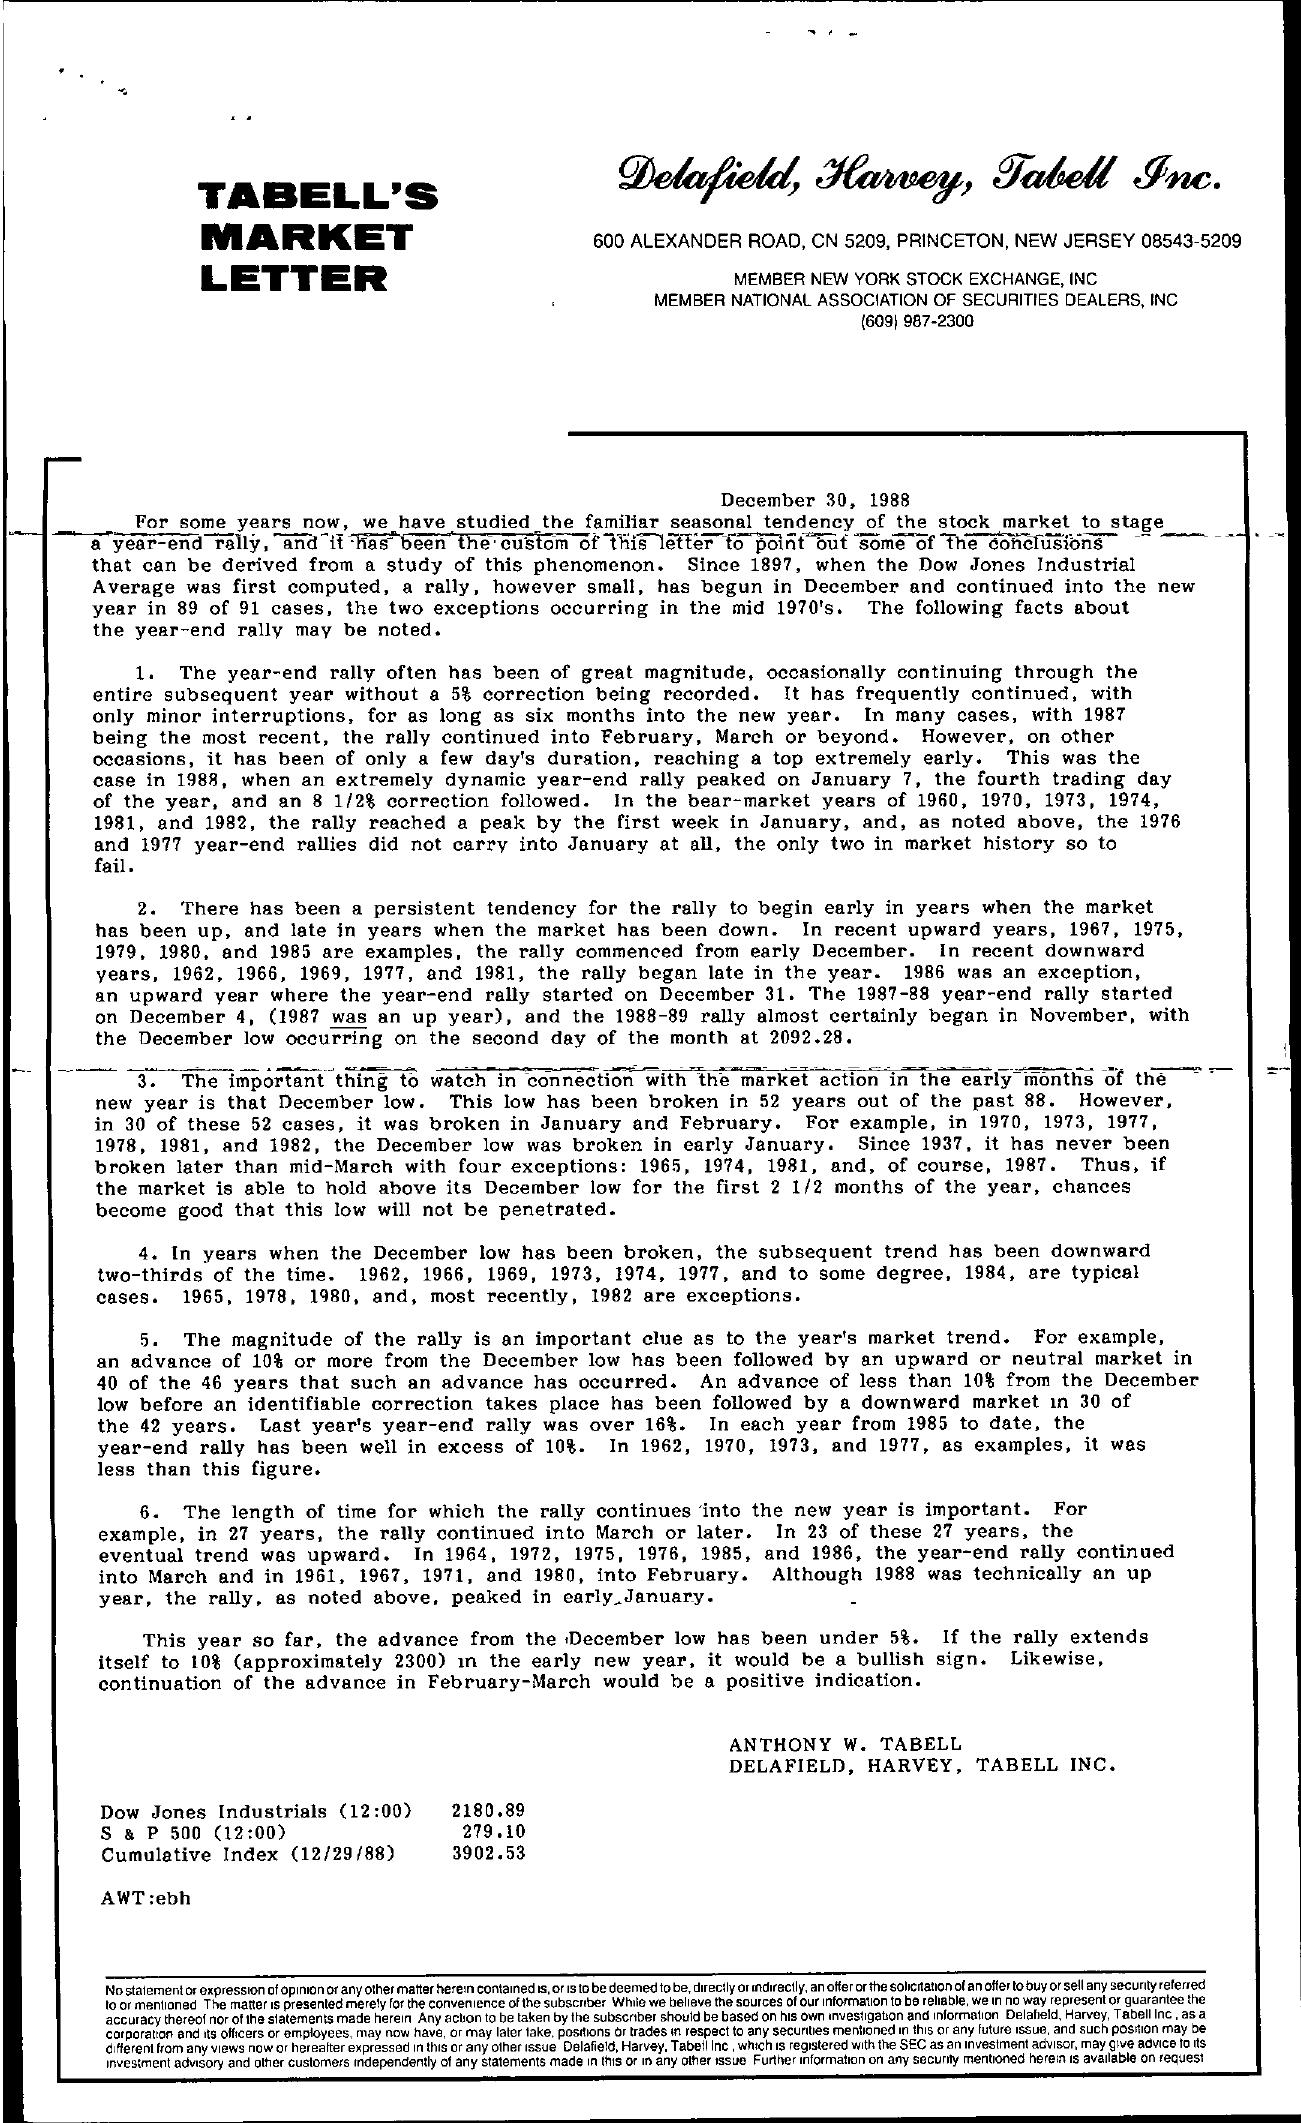 Tabell's Market Letter - December 30, 1988